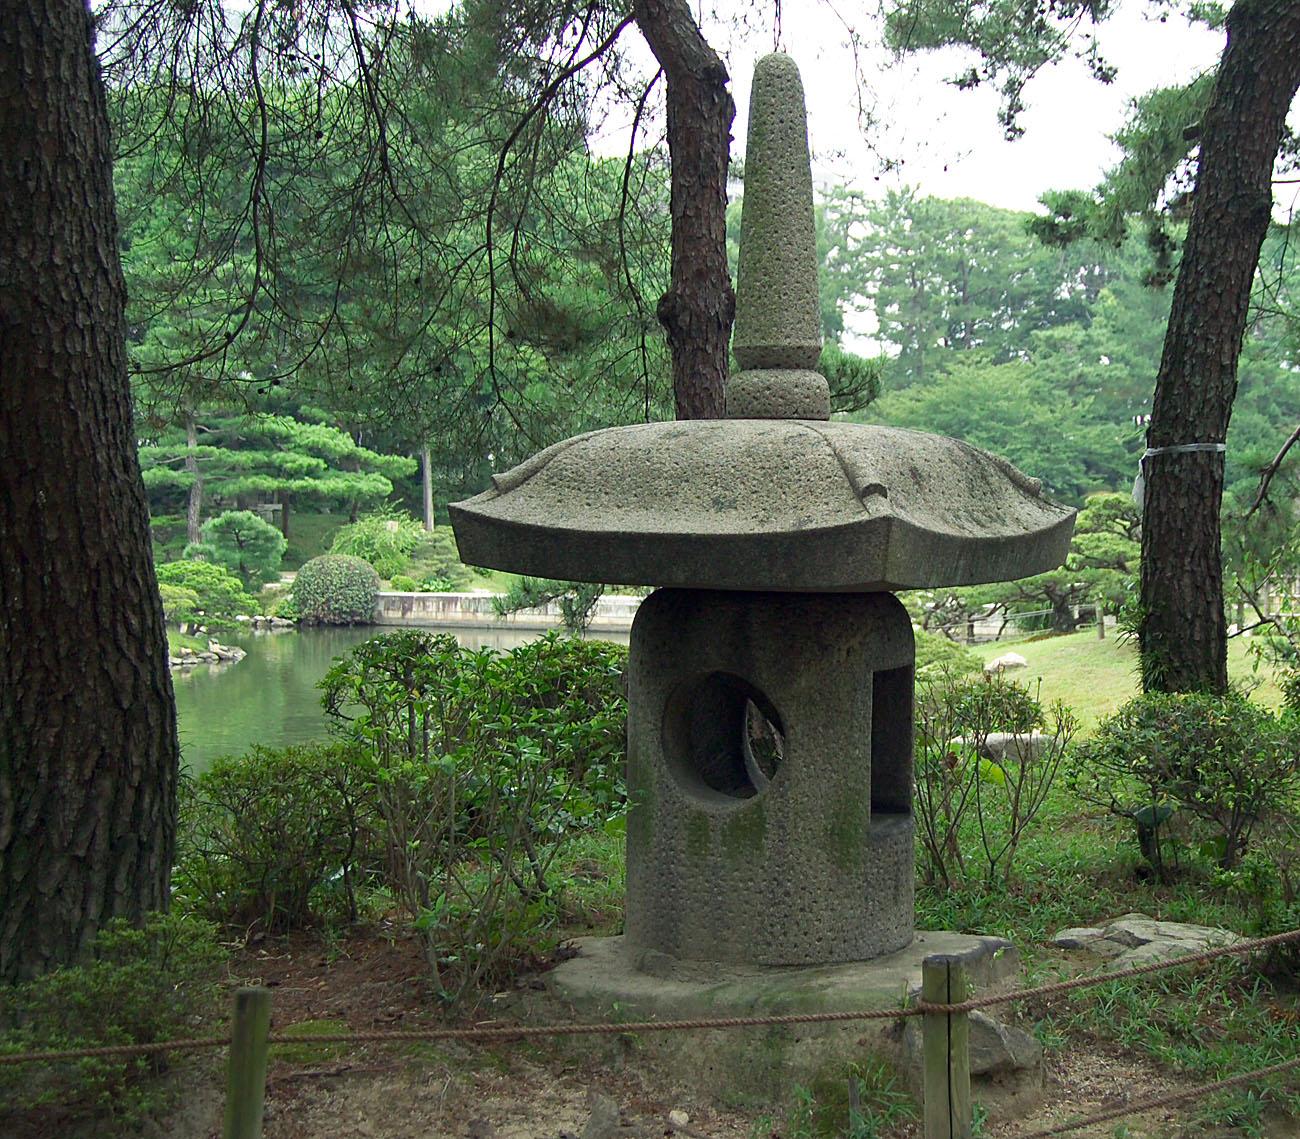 Jard n japon s wikipedia la enciclopedia libre - Fotos de jardines minimalistas ...